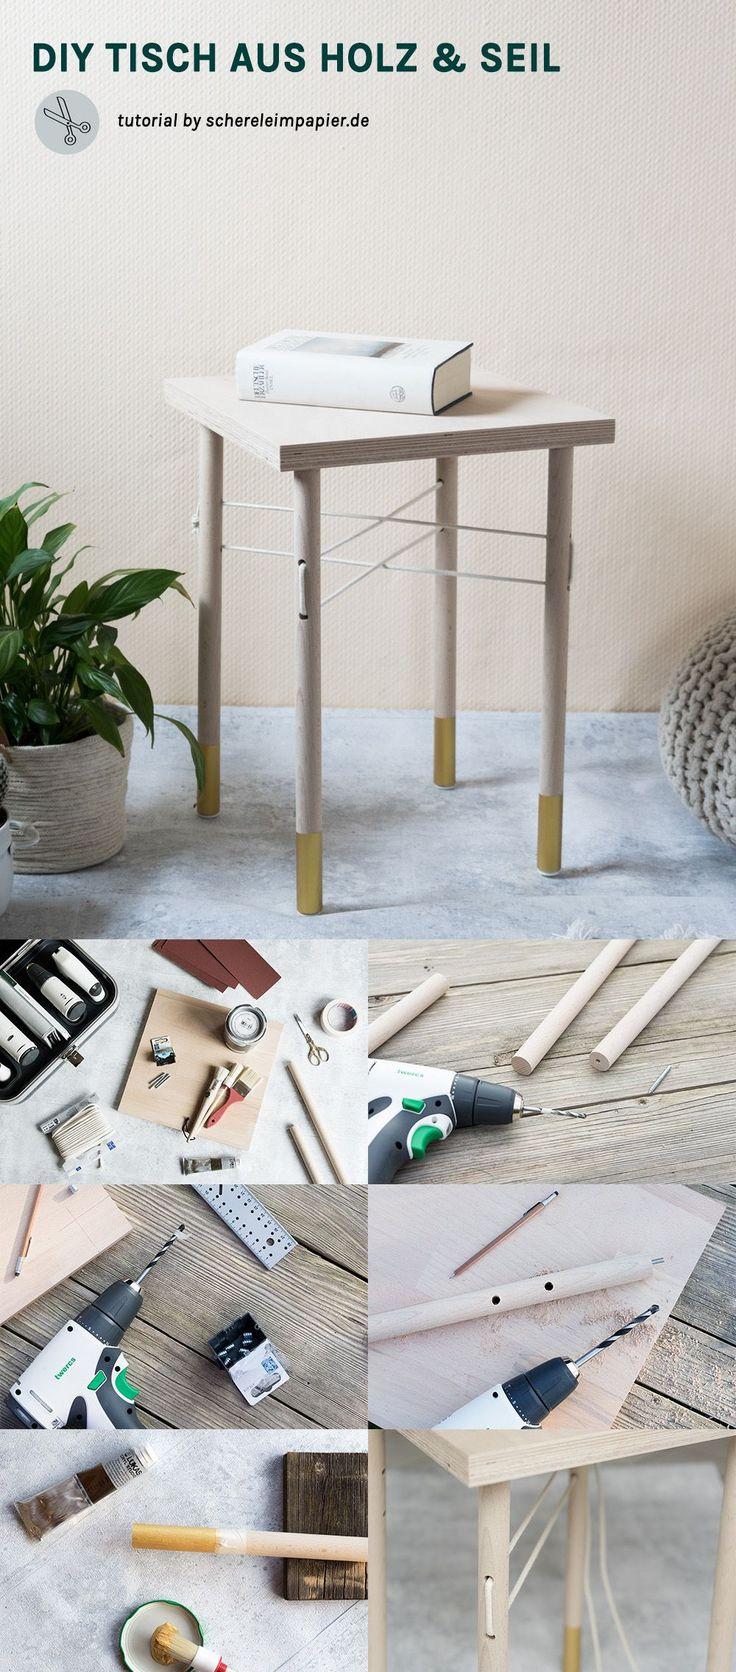 Fesselnd DIY Möbel Selber Bauen   DIY Wohnen   Beistelltisch Selber Bauen   Ton In  Ton Mit